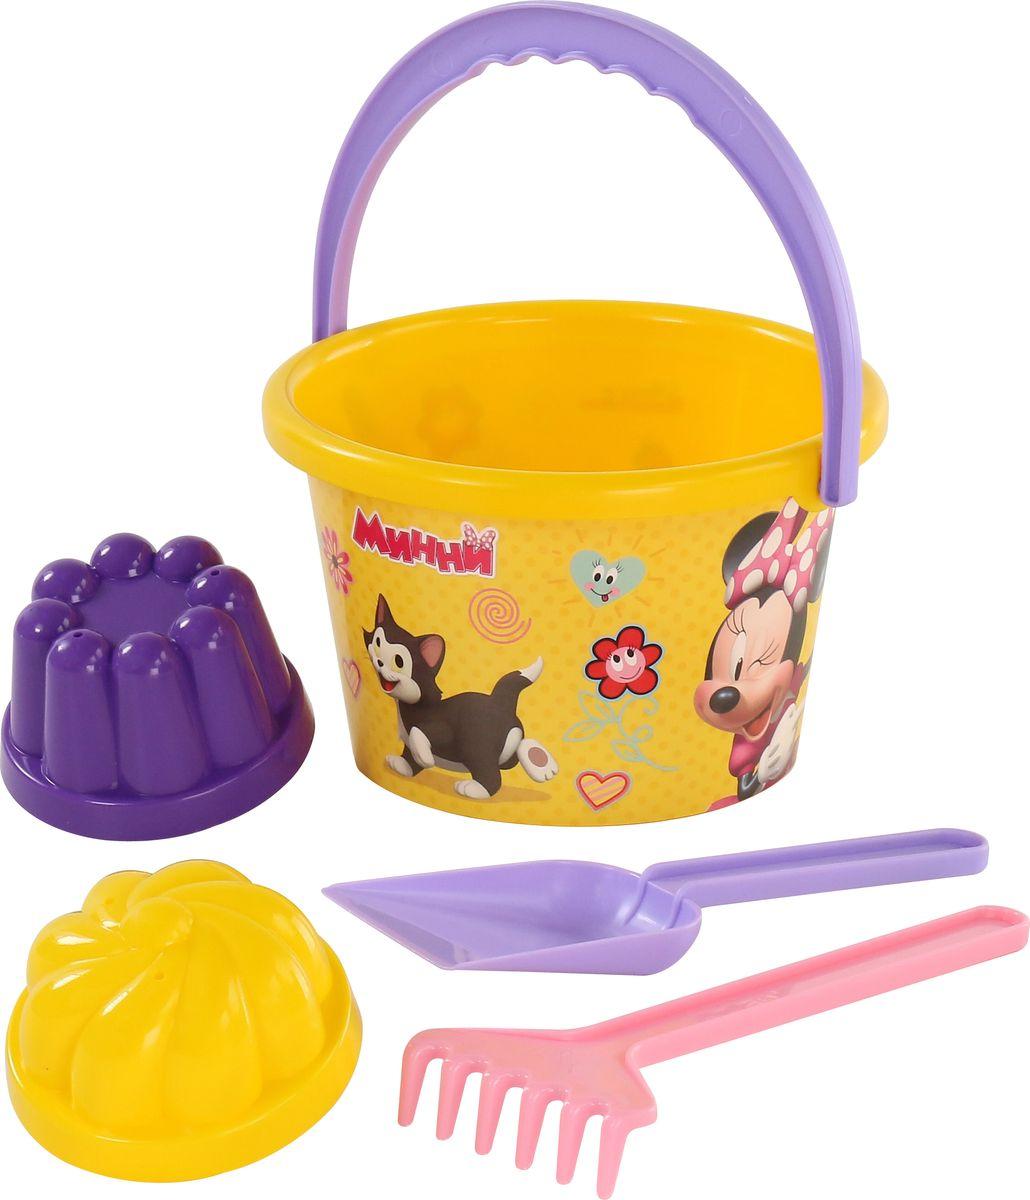 Disney Набор игрушек для песочницы Минни №7, 5 предметов, цвет в ассортименте disney набор игрушек для песочницы минни 4 цвет в ассортименте